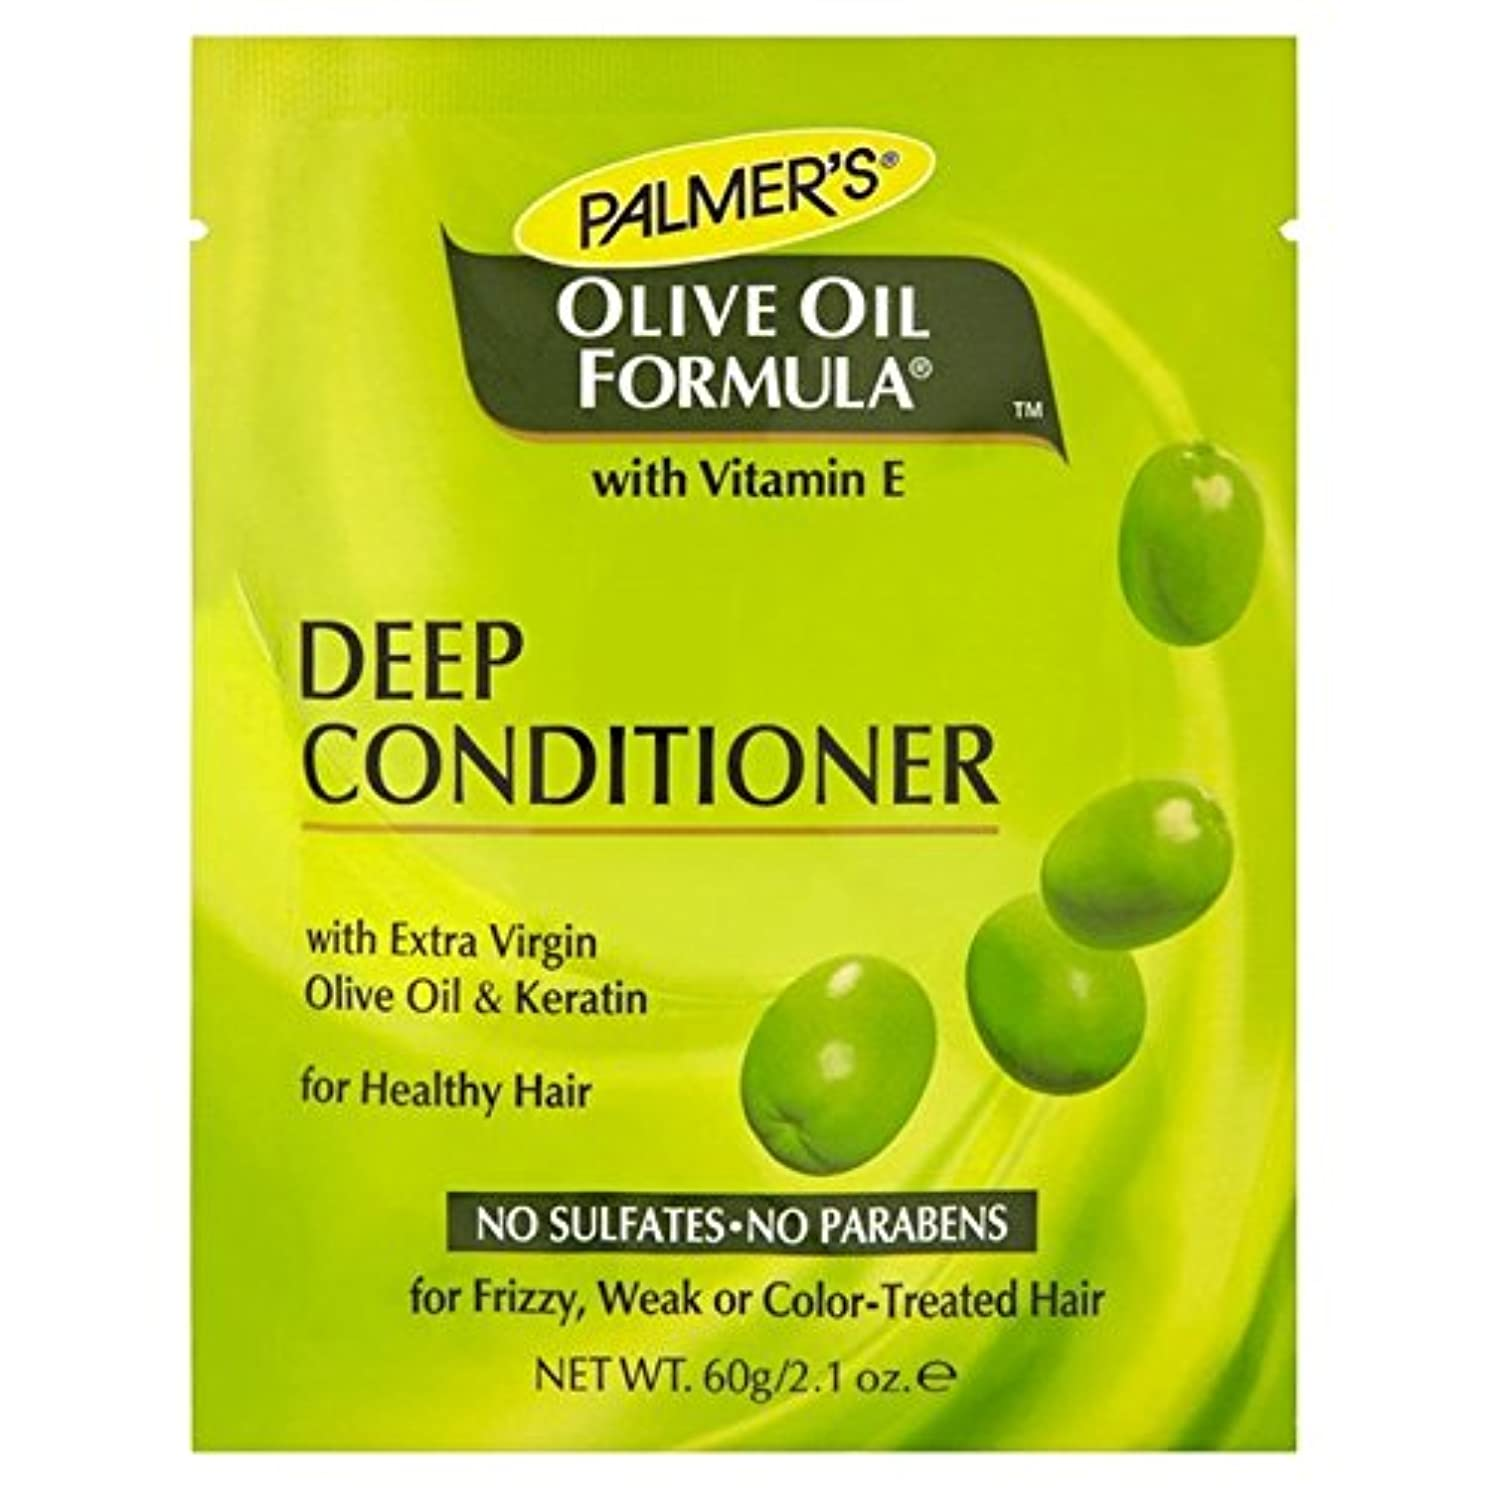 人間シャープ知覚Palmer's Olive Oil Formula Deep Conditioner Protein Pack 60g (Pack of 6) - パーマーのオリーブオイル式深いコンディショナータンパク質パック60グラム...